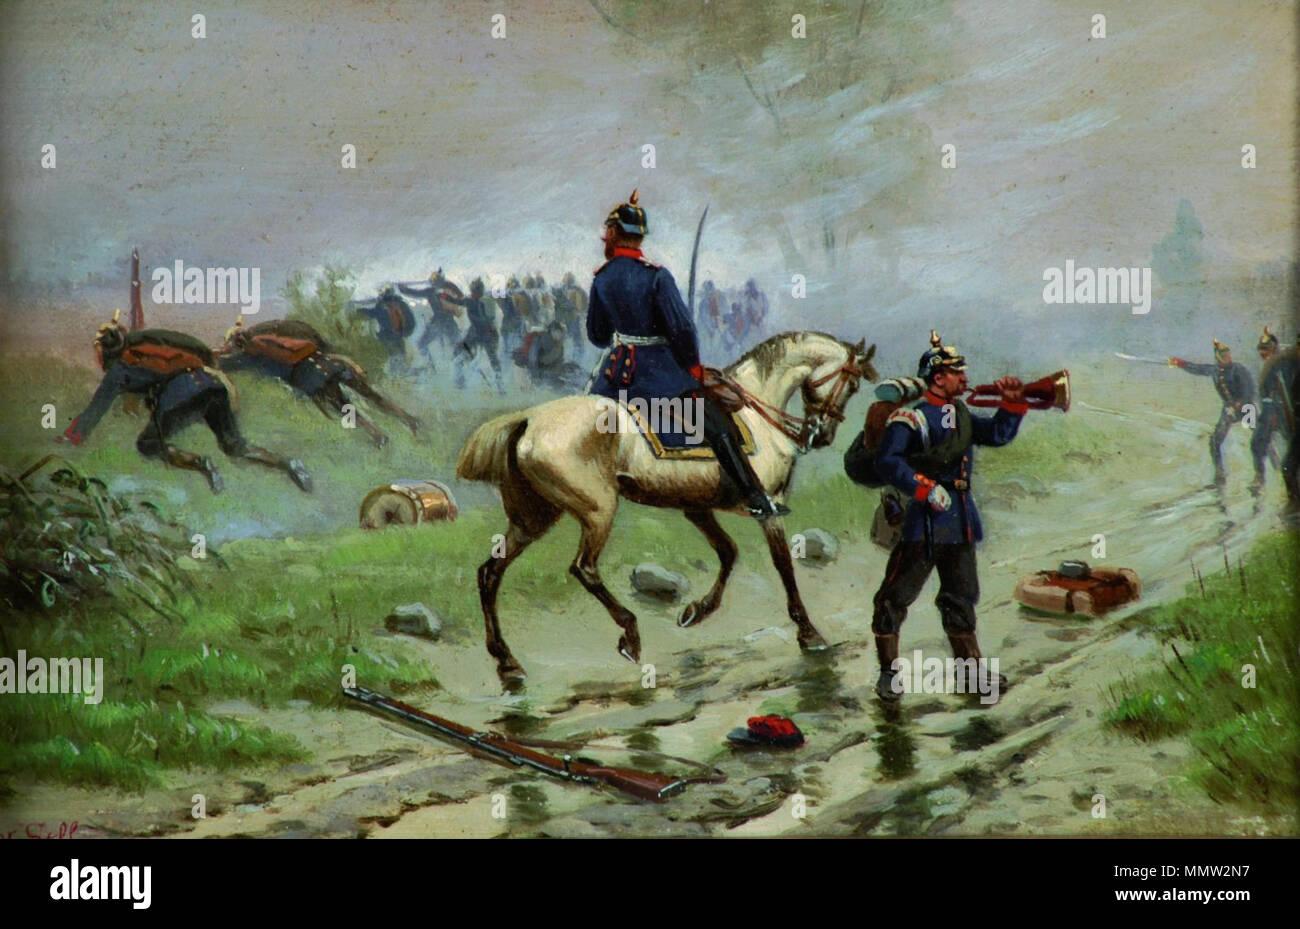 Christian Sell Preußische Soldaten im Gefecht - Stock Image